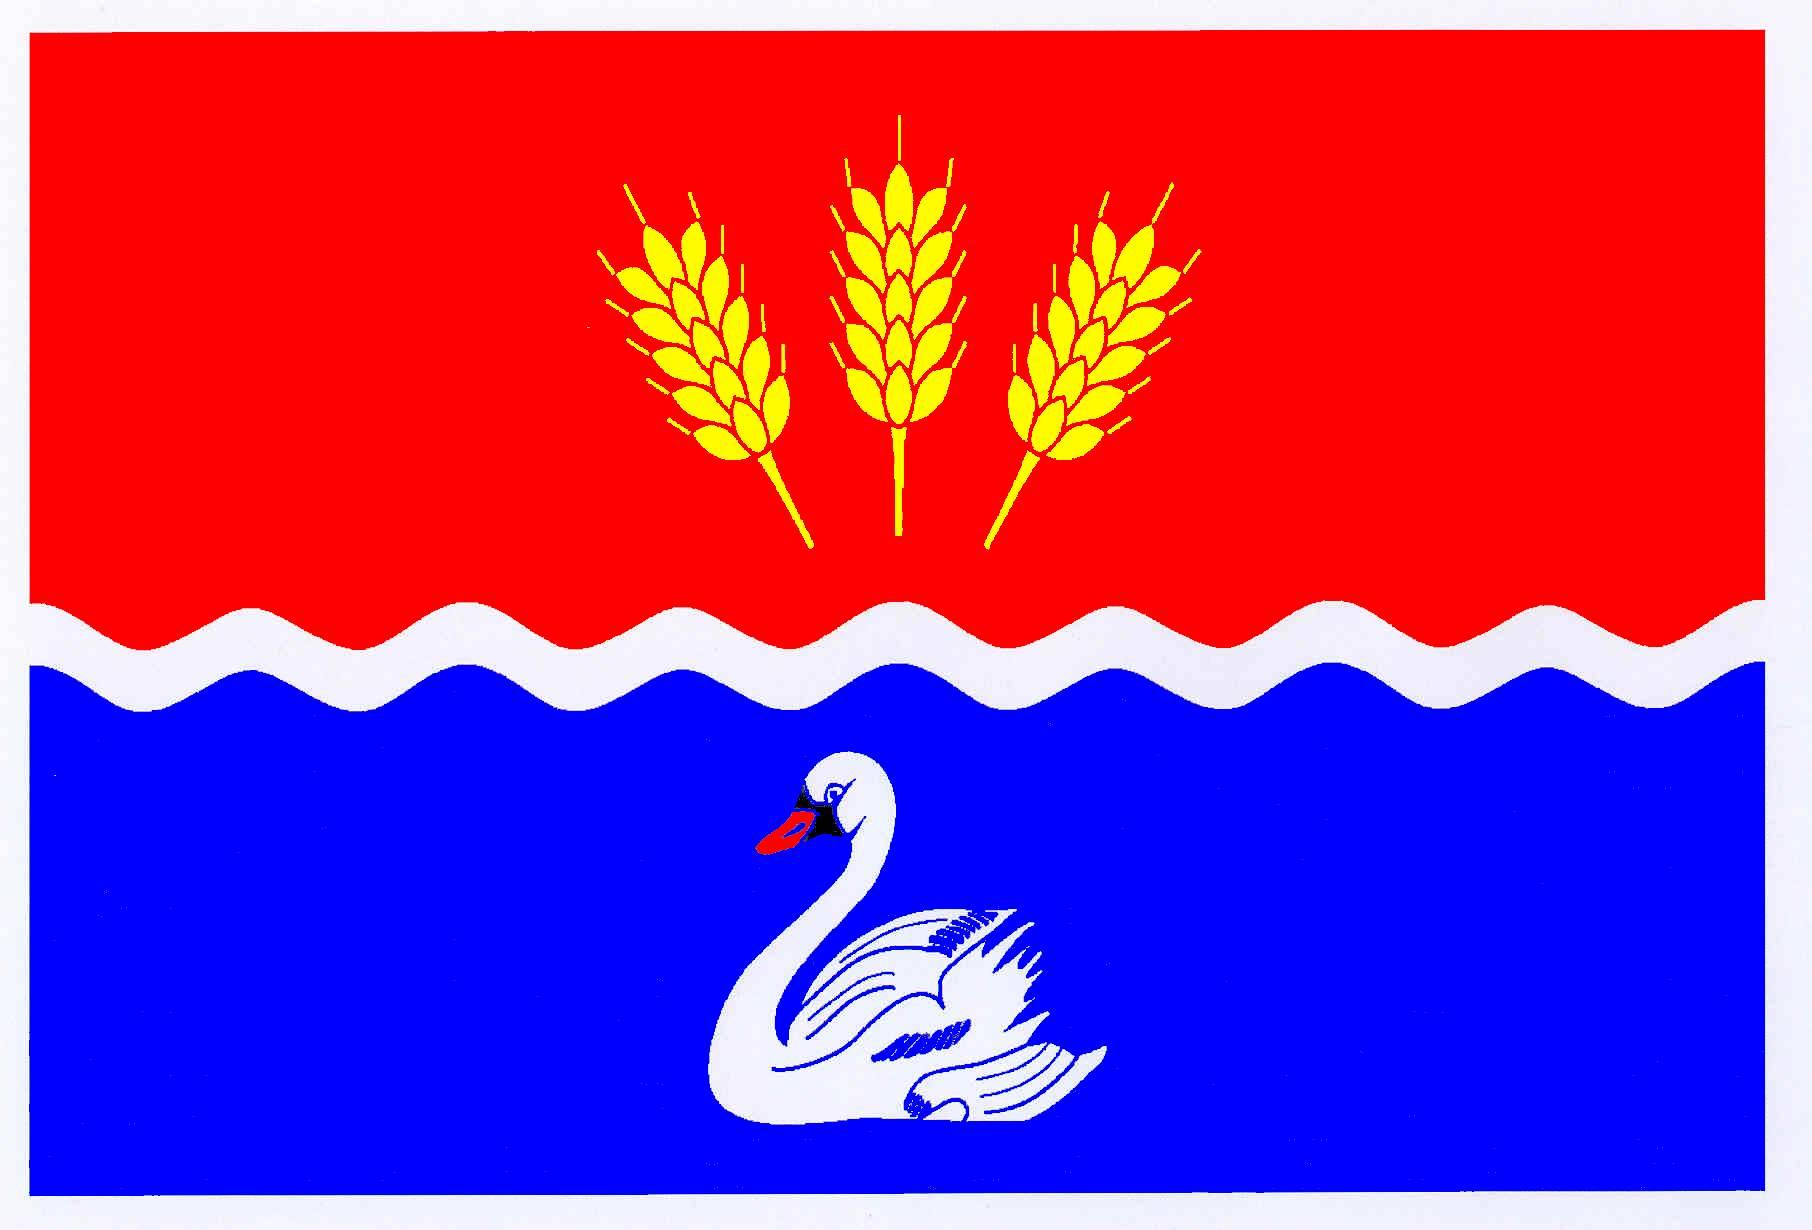 Flagge GemeindeDörphof, Kreis Rendsburg-Eckernförde